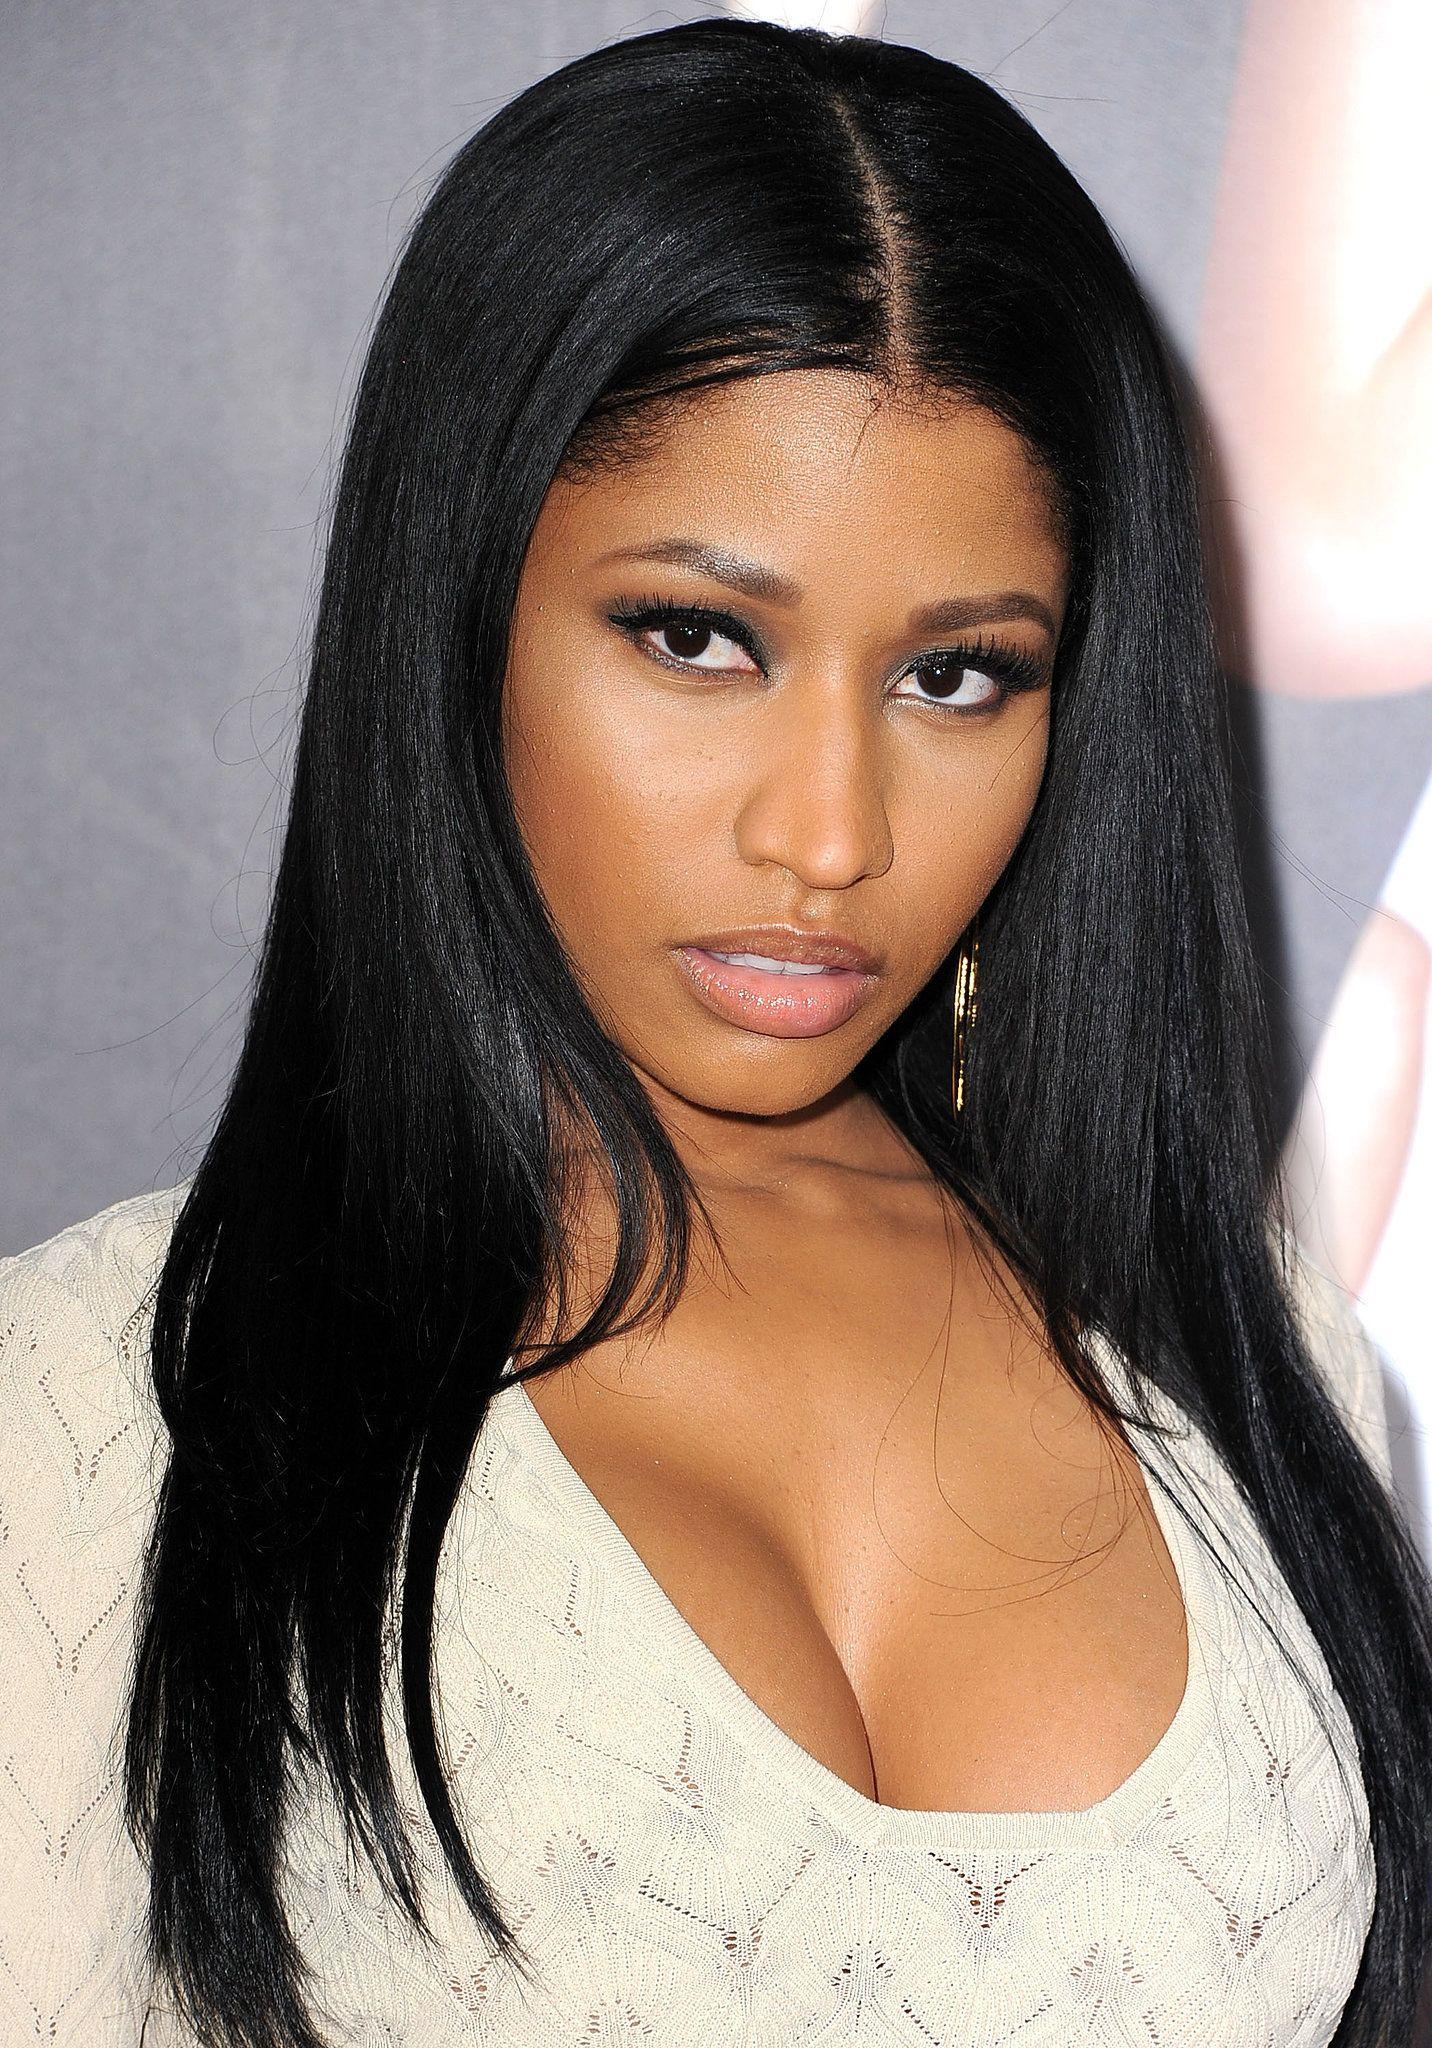 Nicki-Minaj-MTV-Movie-Awards-2014 (3) - Jade African